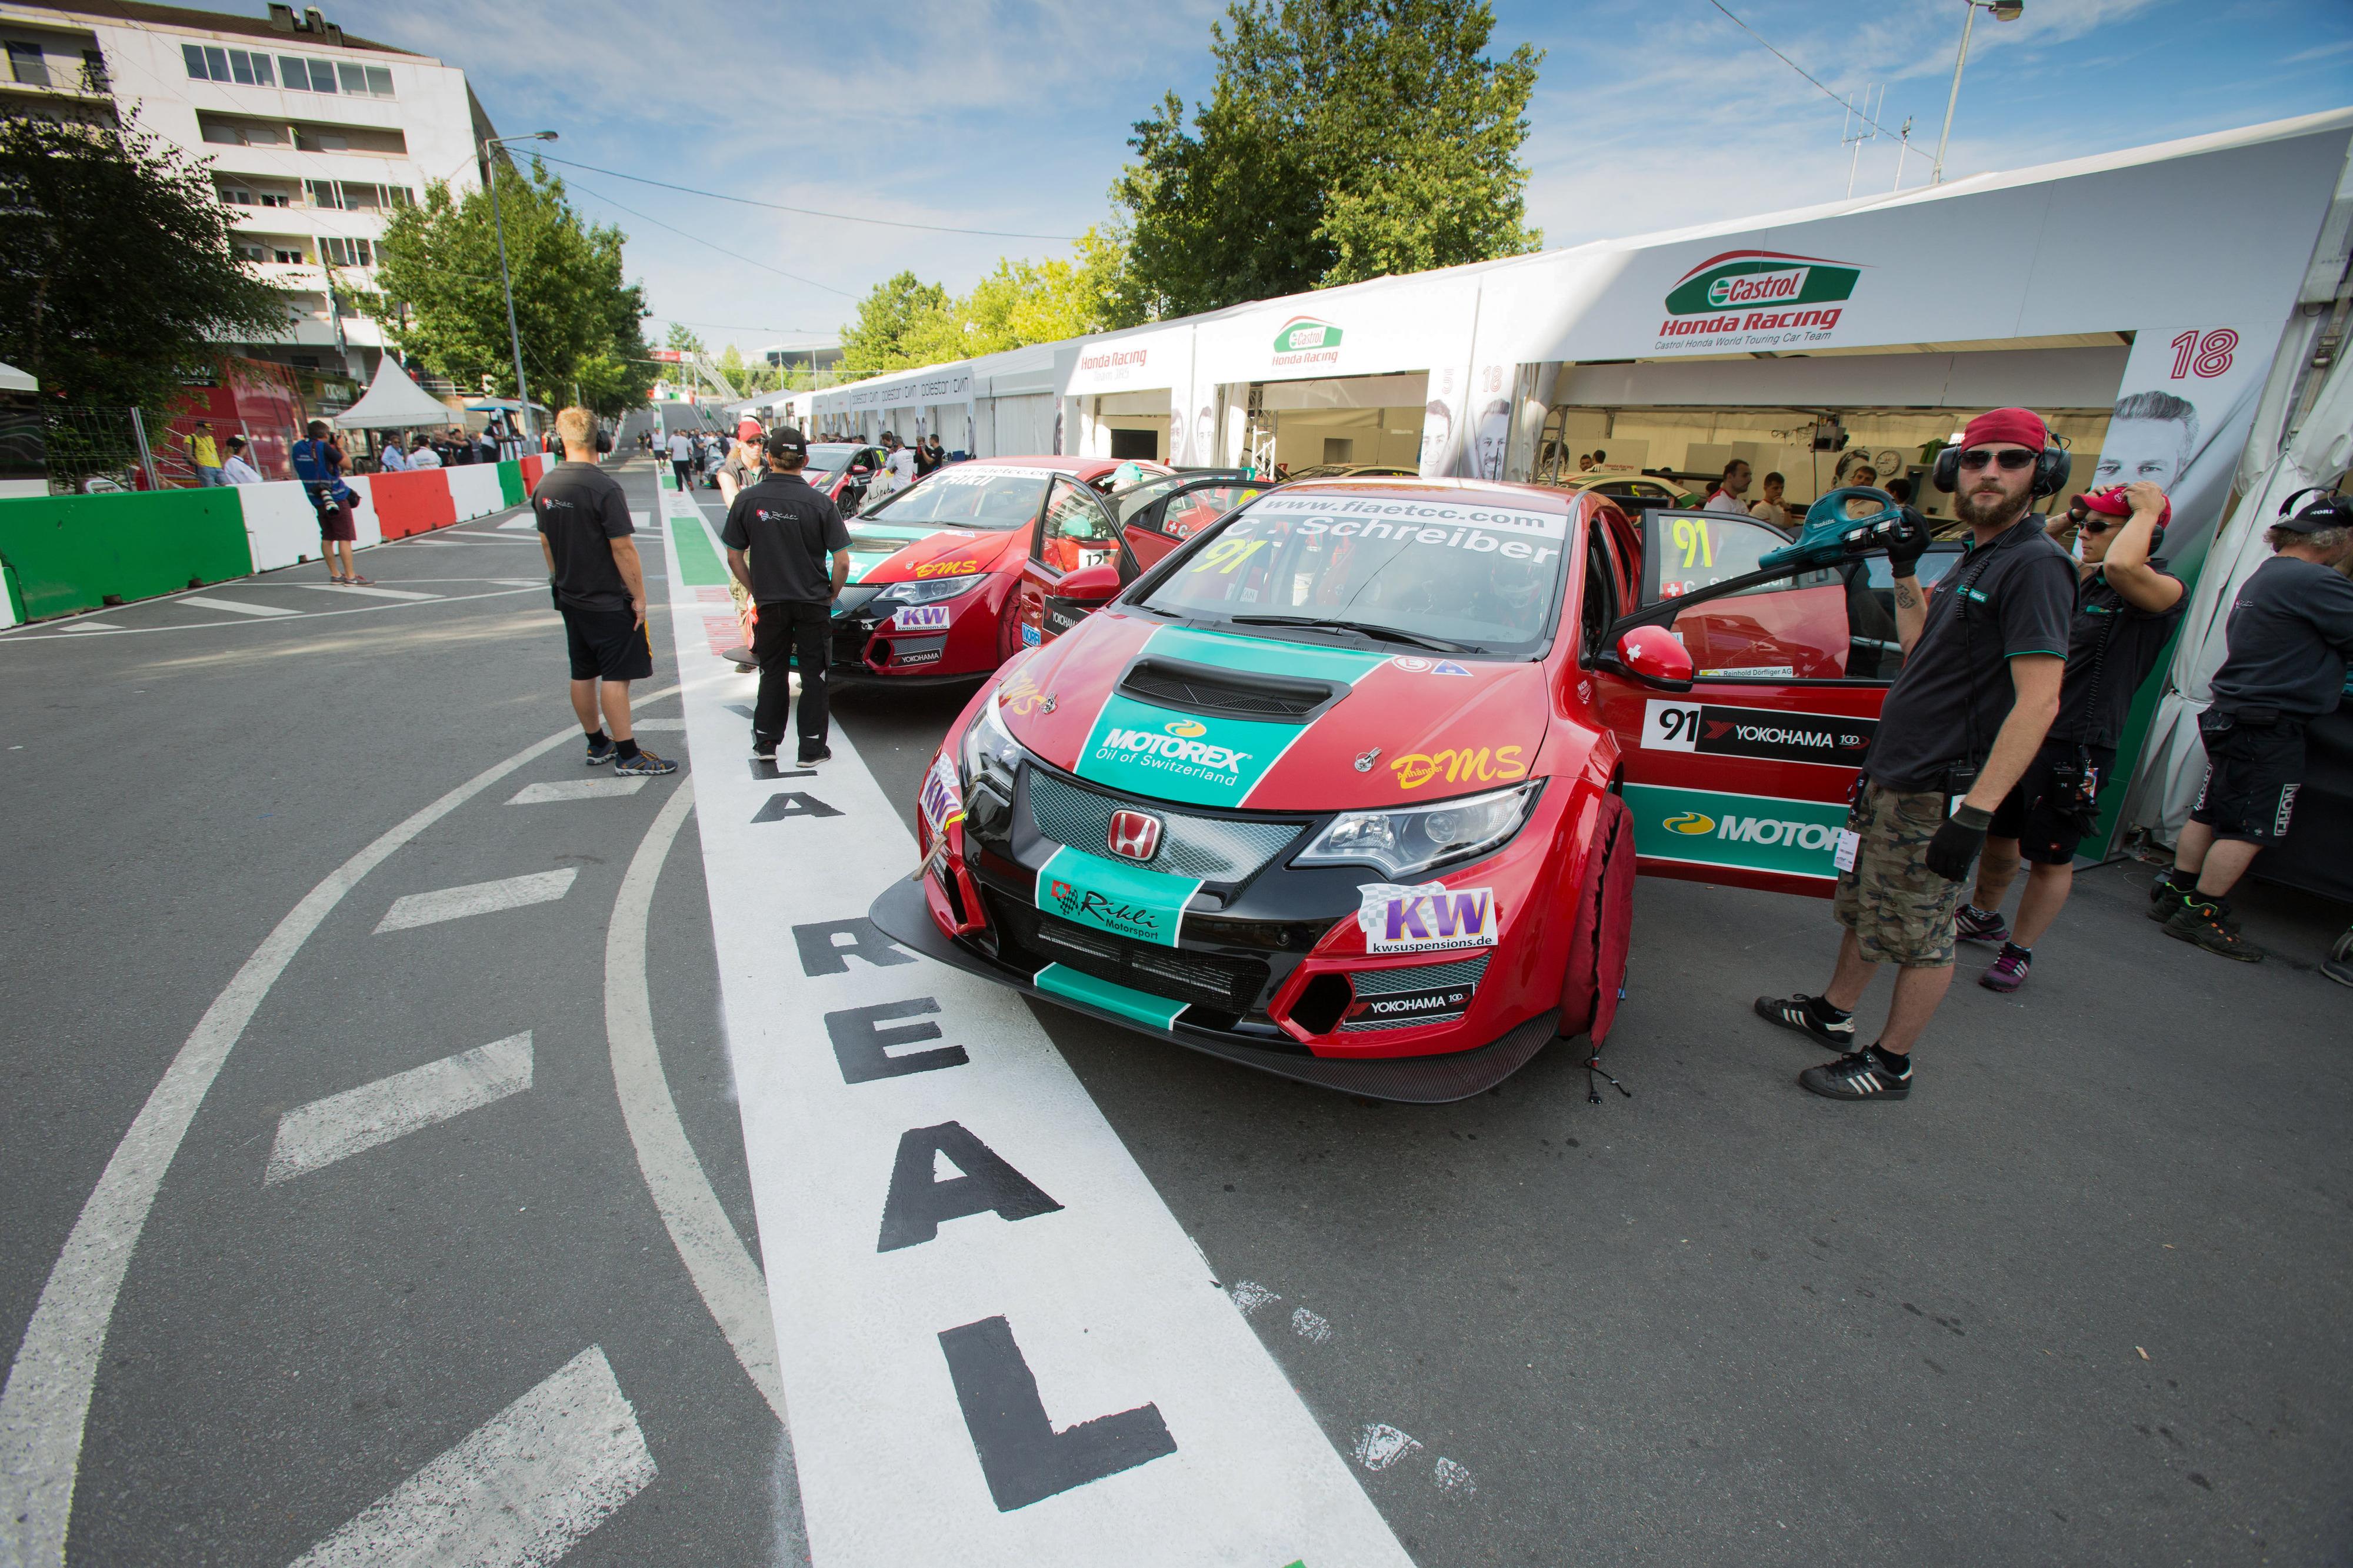 Fulin e Szabo vencem corridas em Vila Real do Europeu de carros de turismo